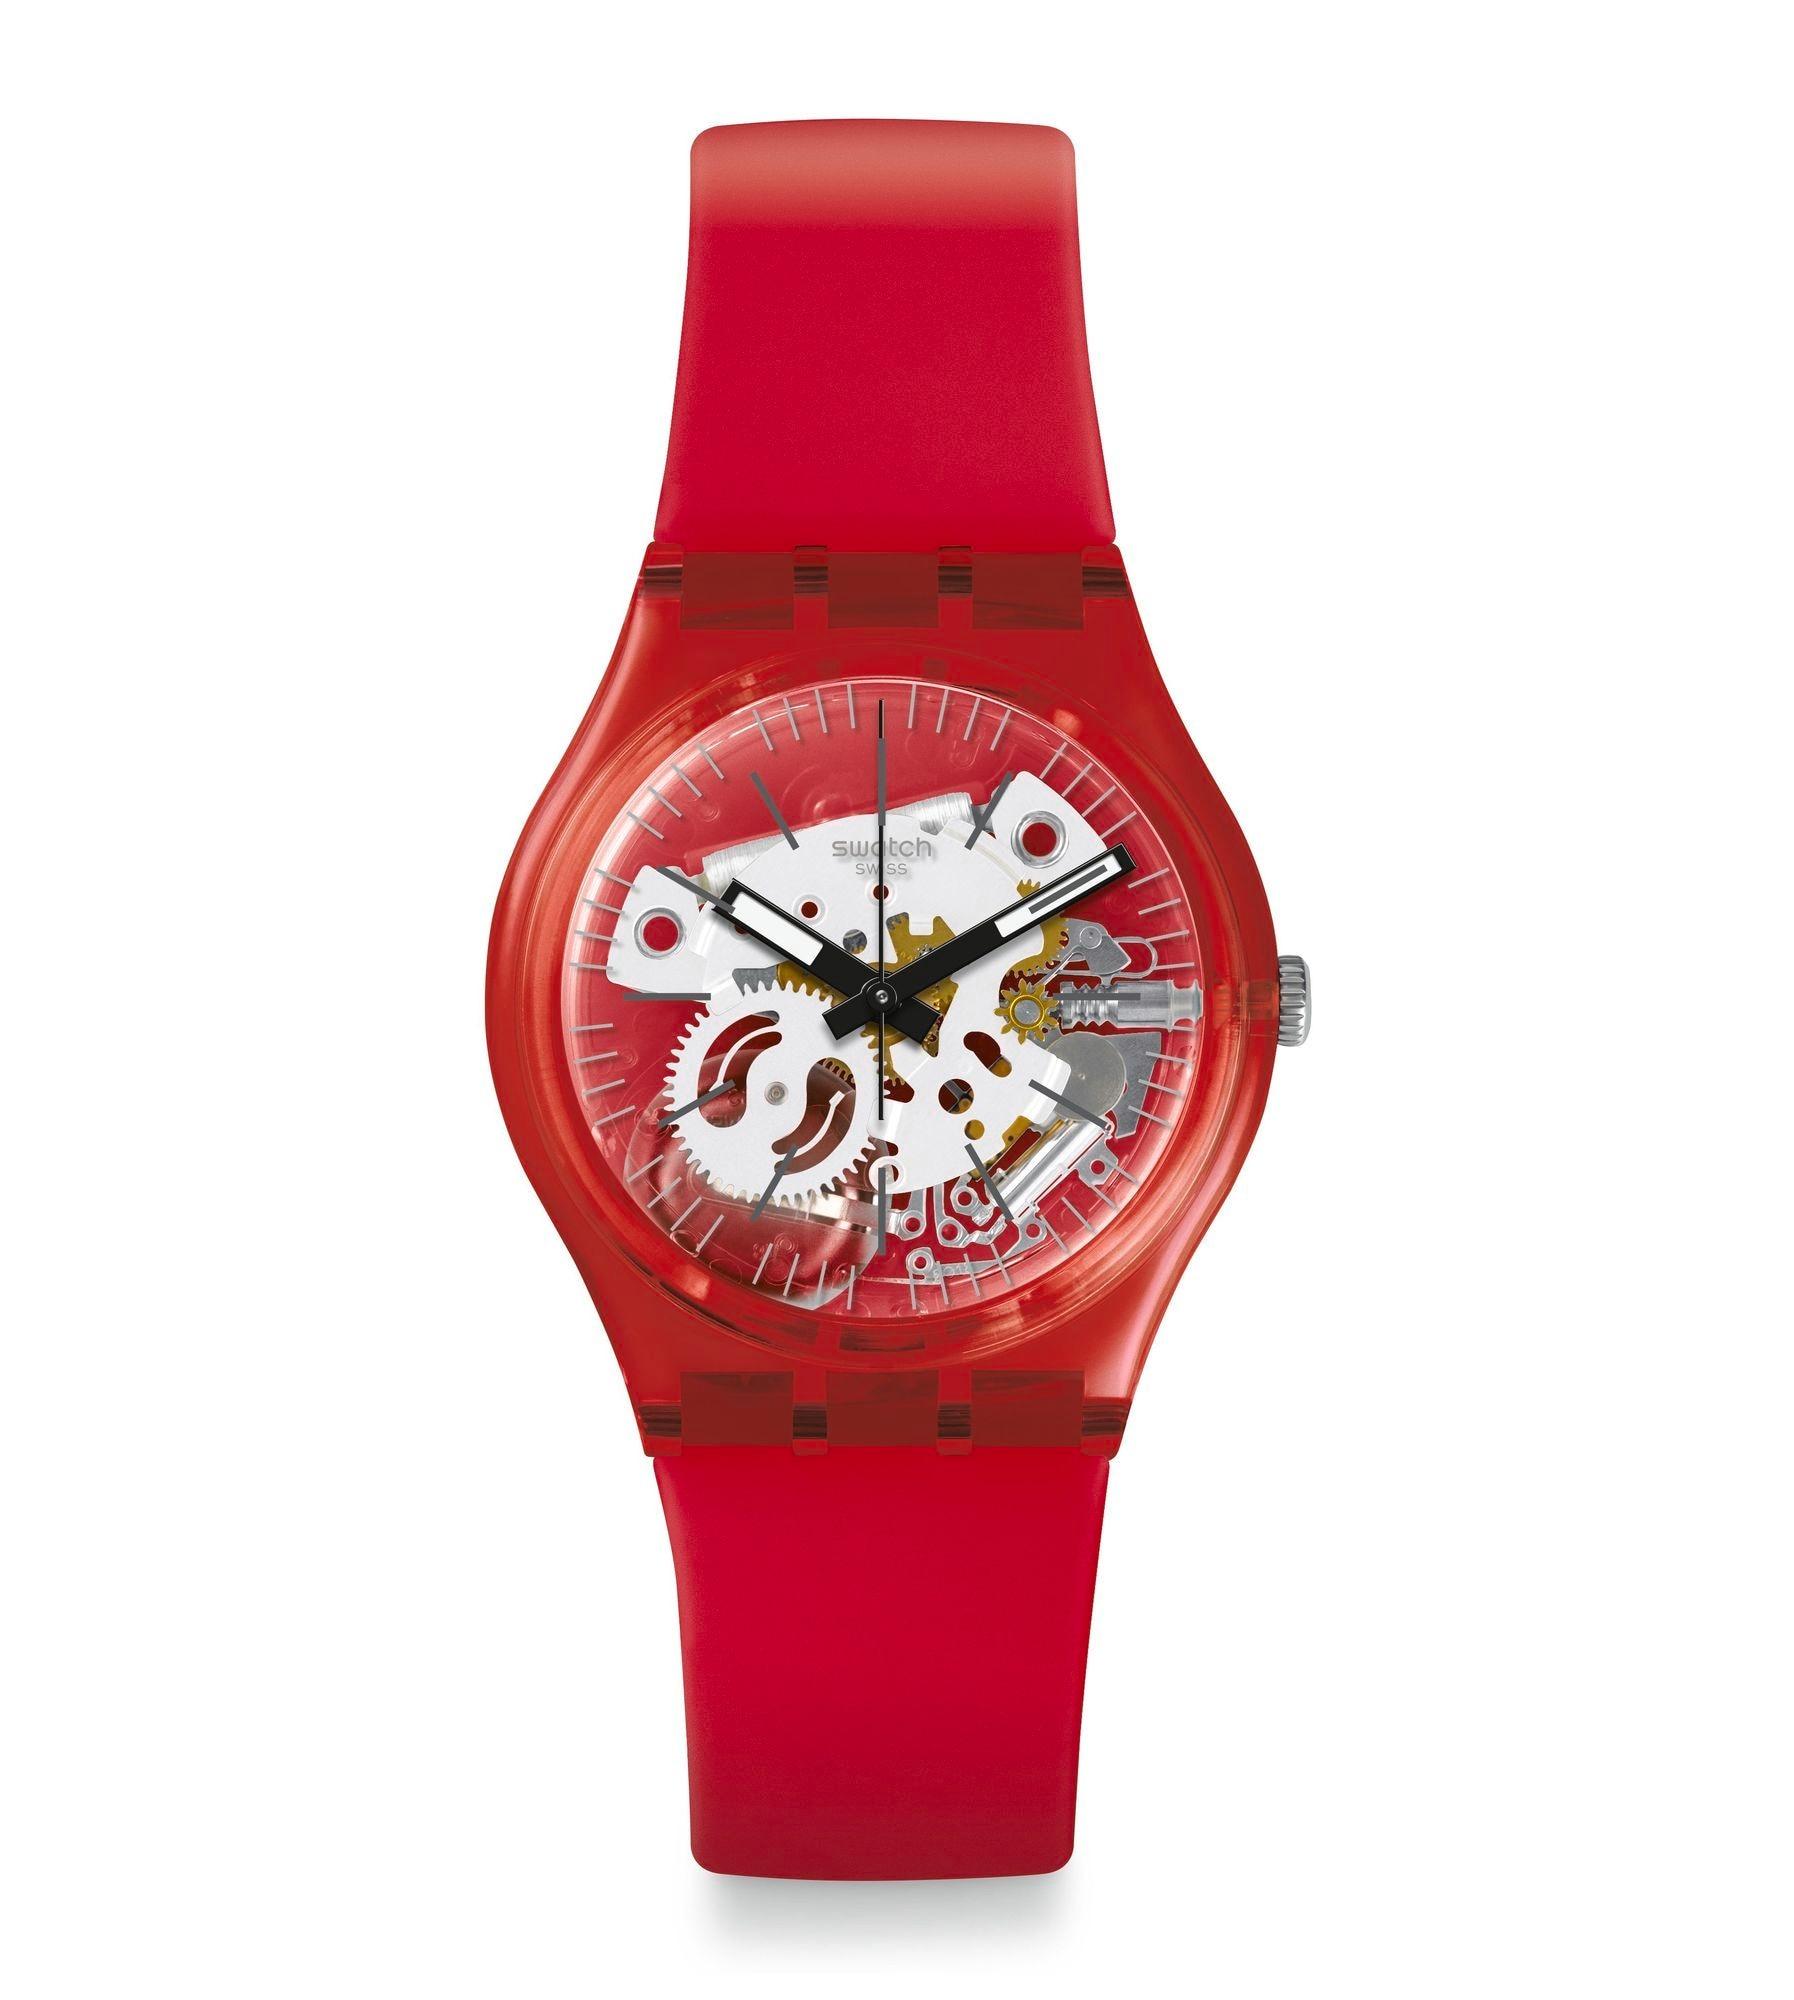 cb26c8e080fb Swatch® México - Gent (Ø 34 MM) ROSSO BIANCO GR178